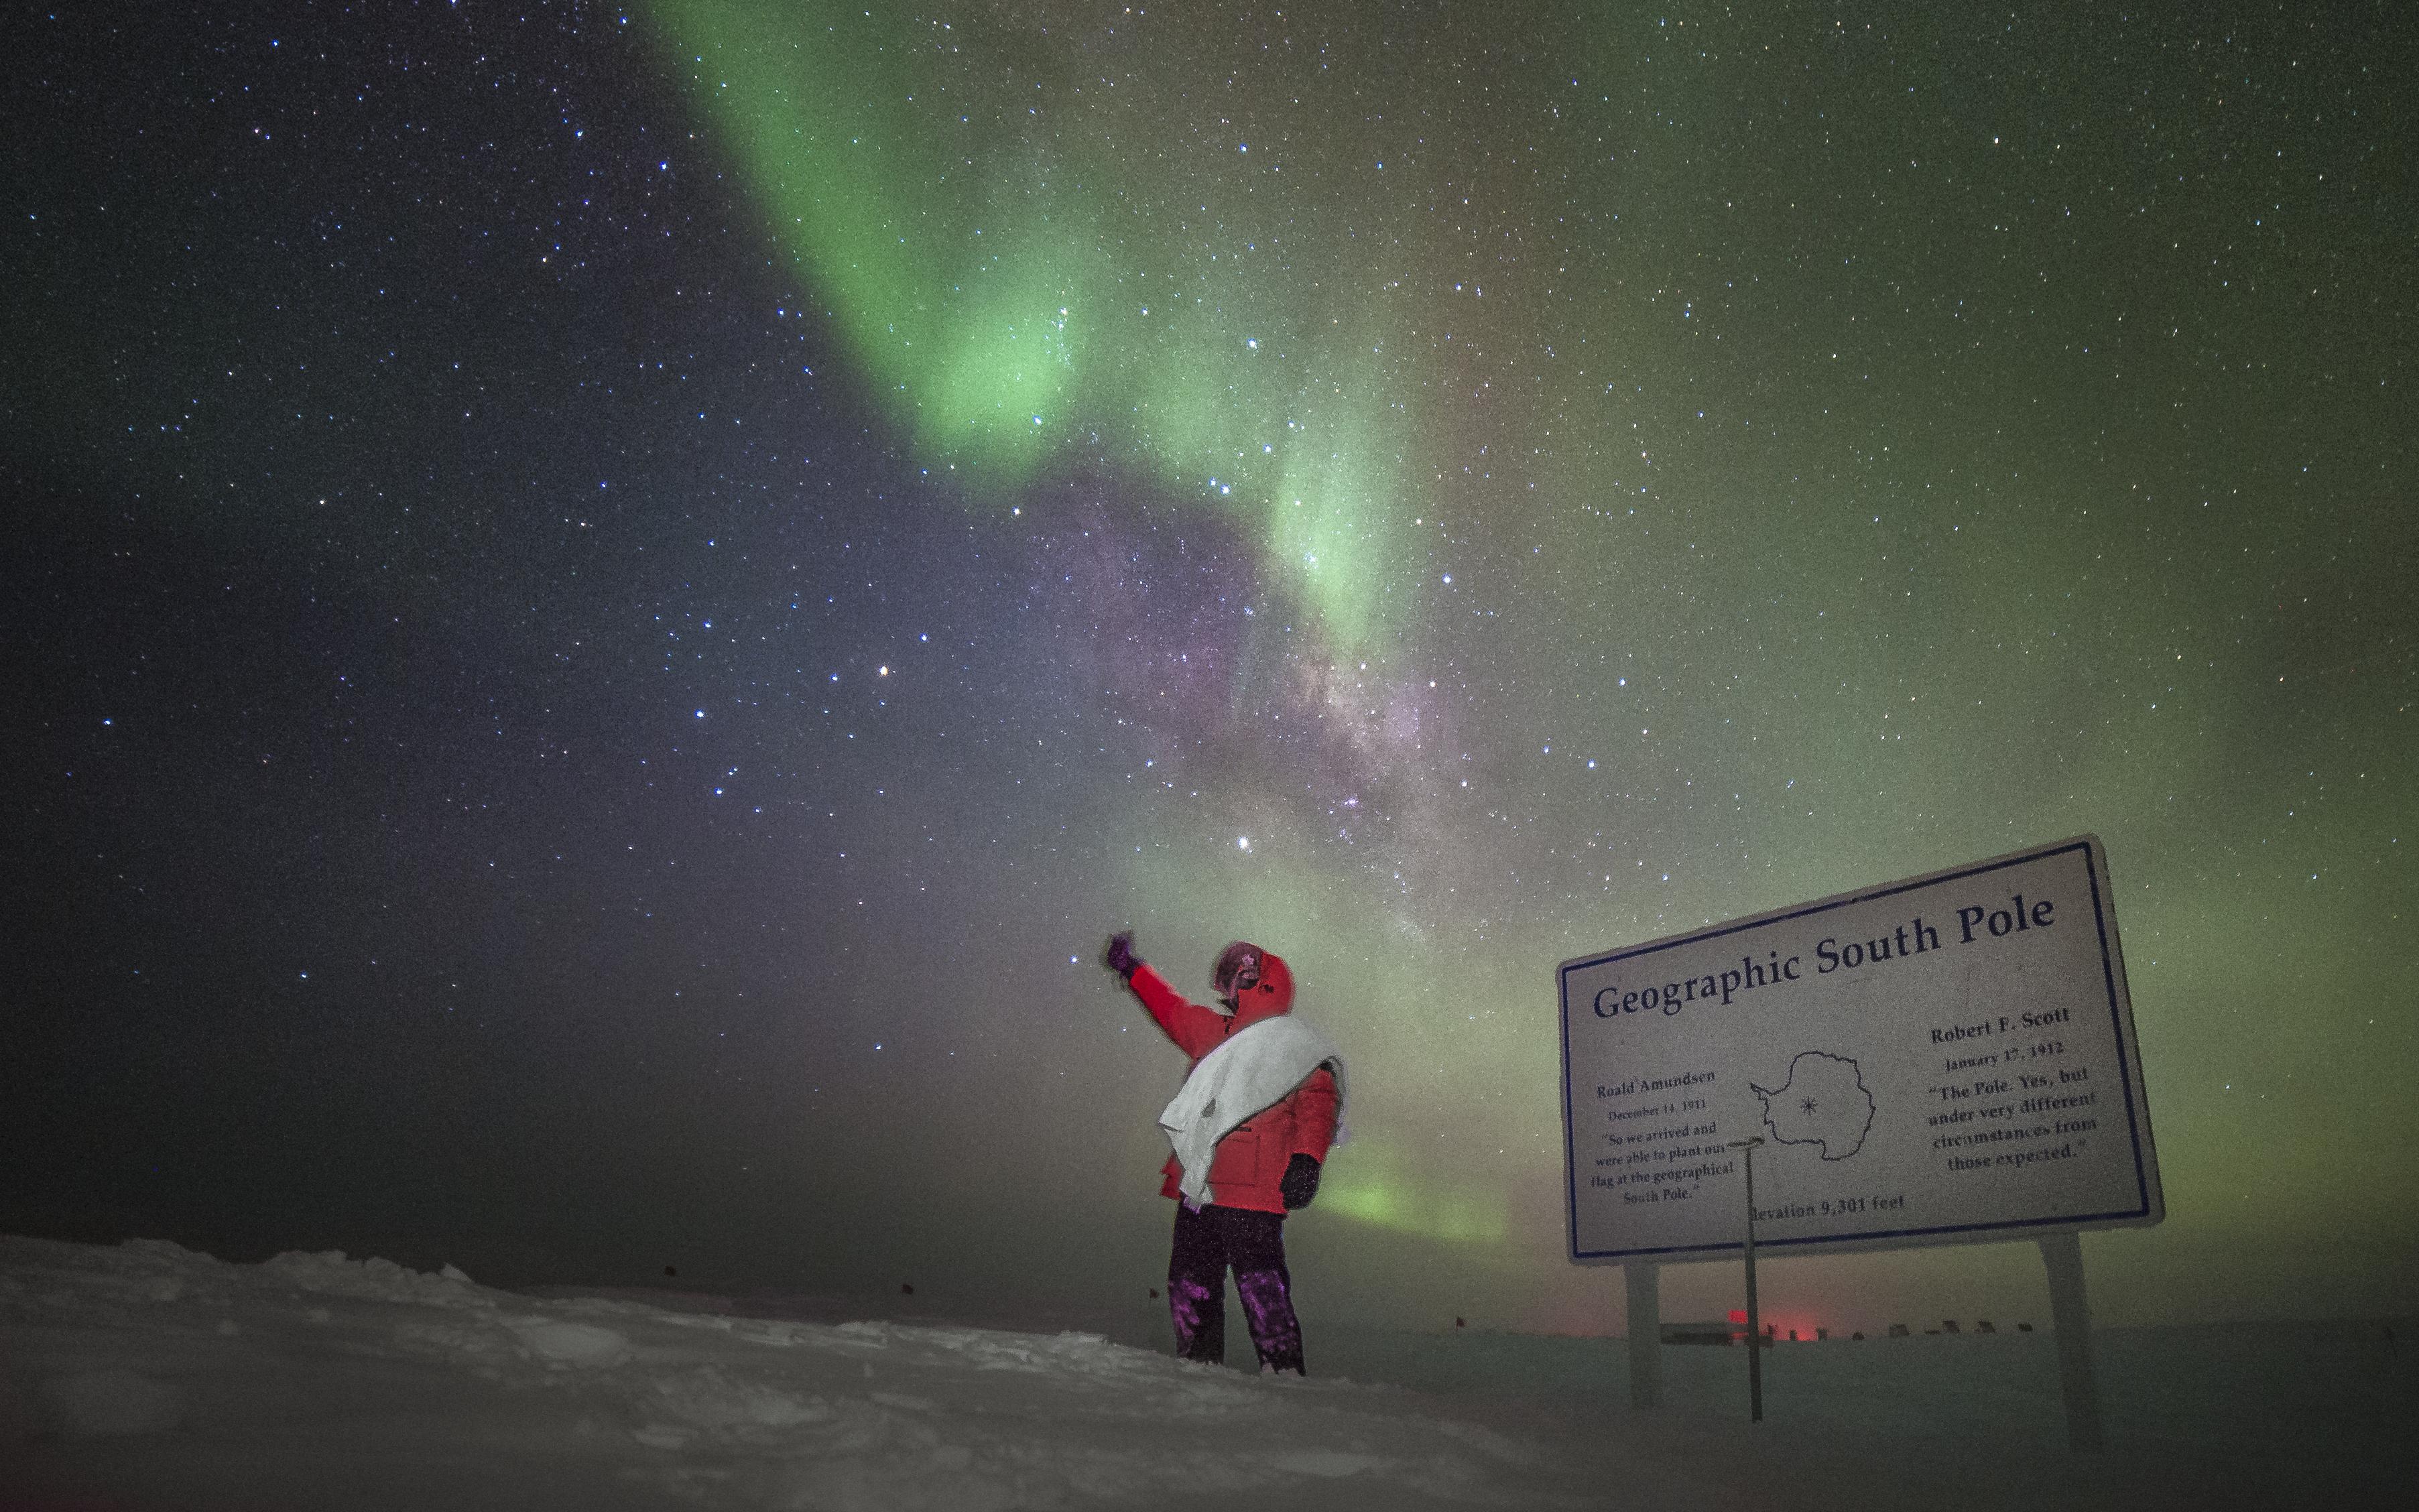 IceCube winterover under auroras